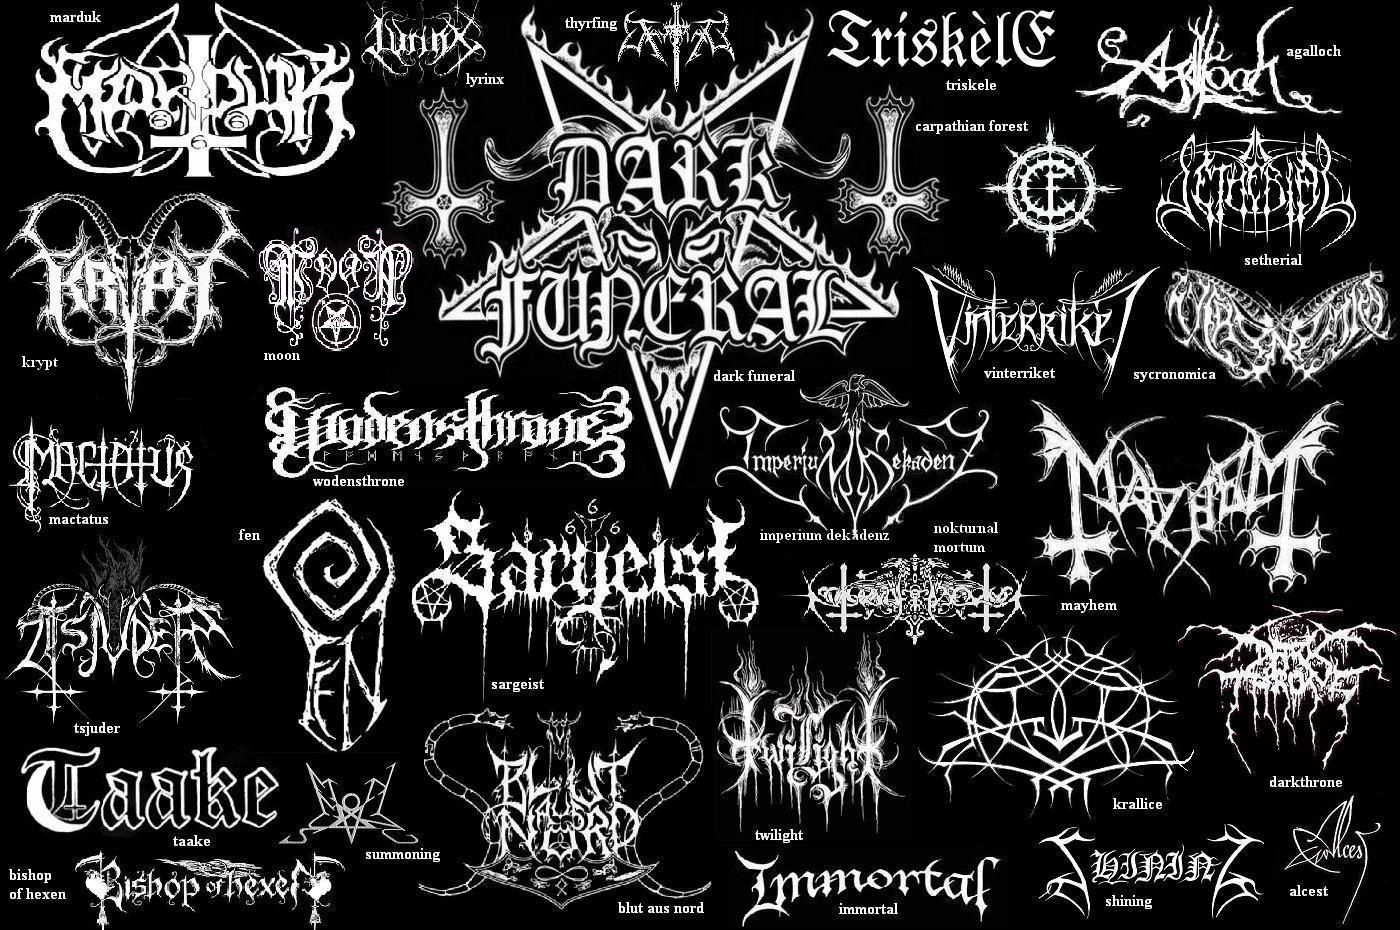 Dark black metal bands